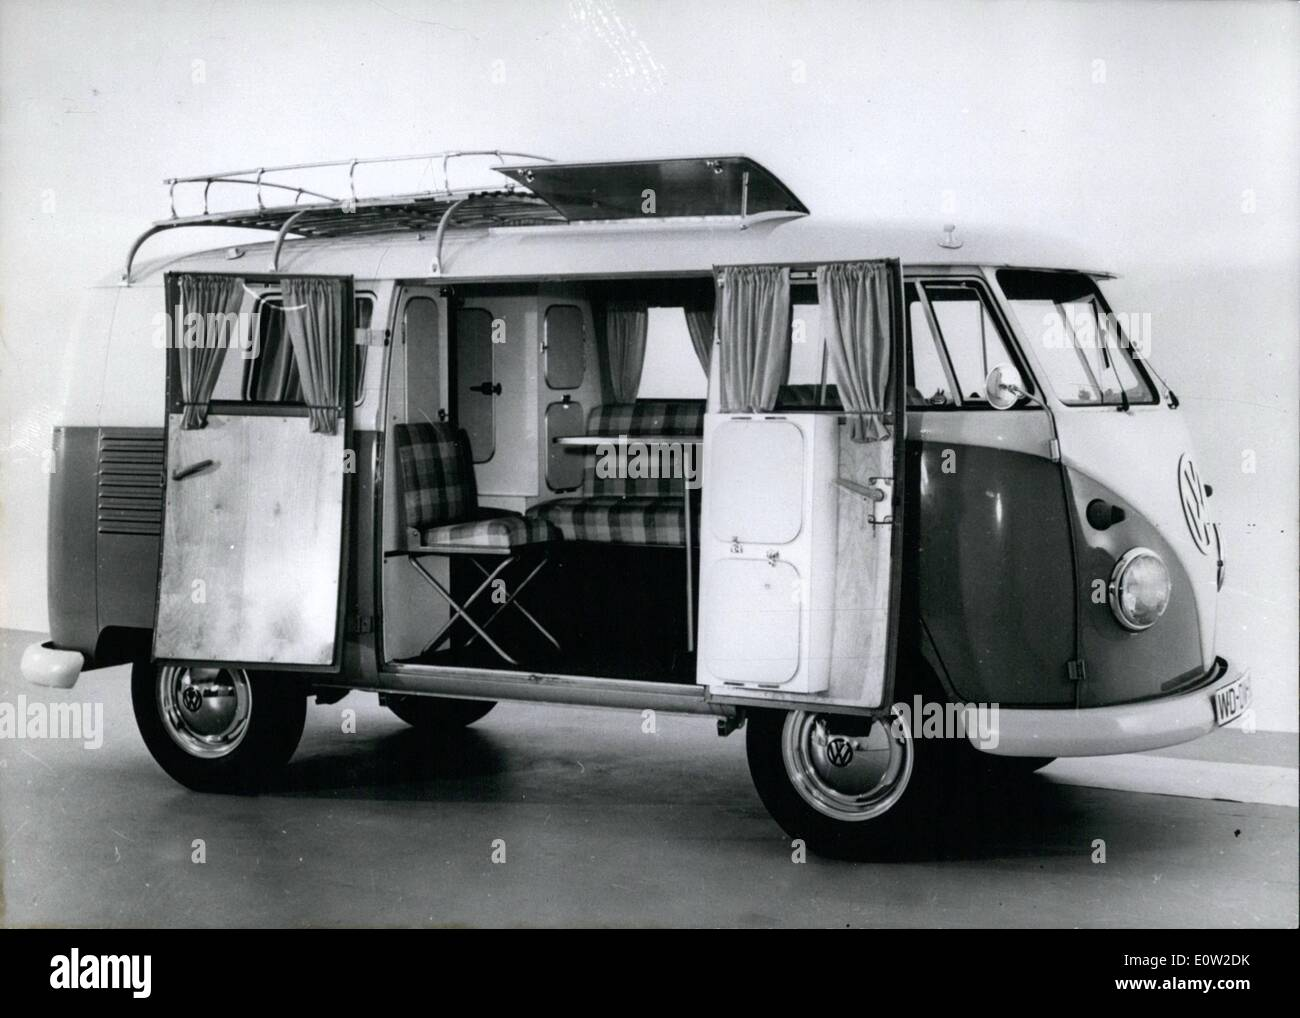 Fev 02 1961 Novo A Volkswagen Camping Car Em 1 De Mar O De 1961  -> Sala Quarto Cozinha Carro